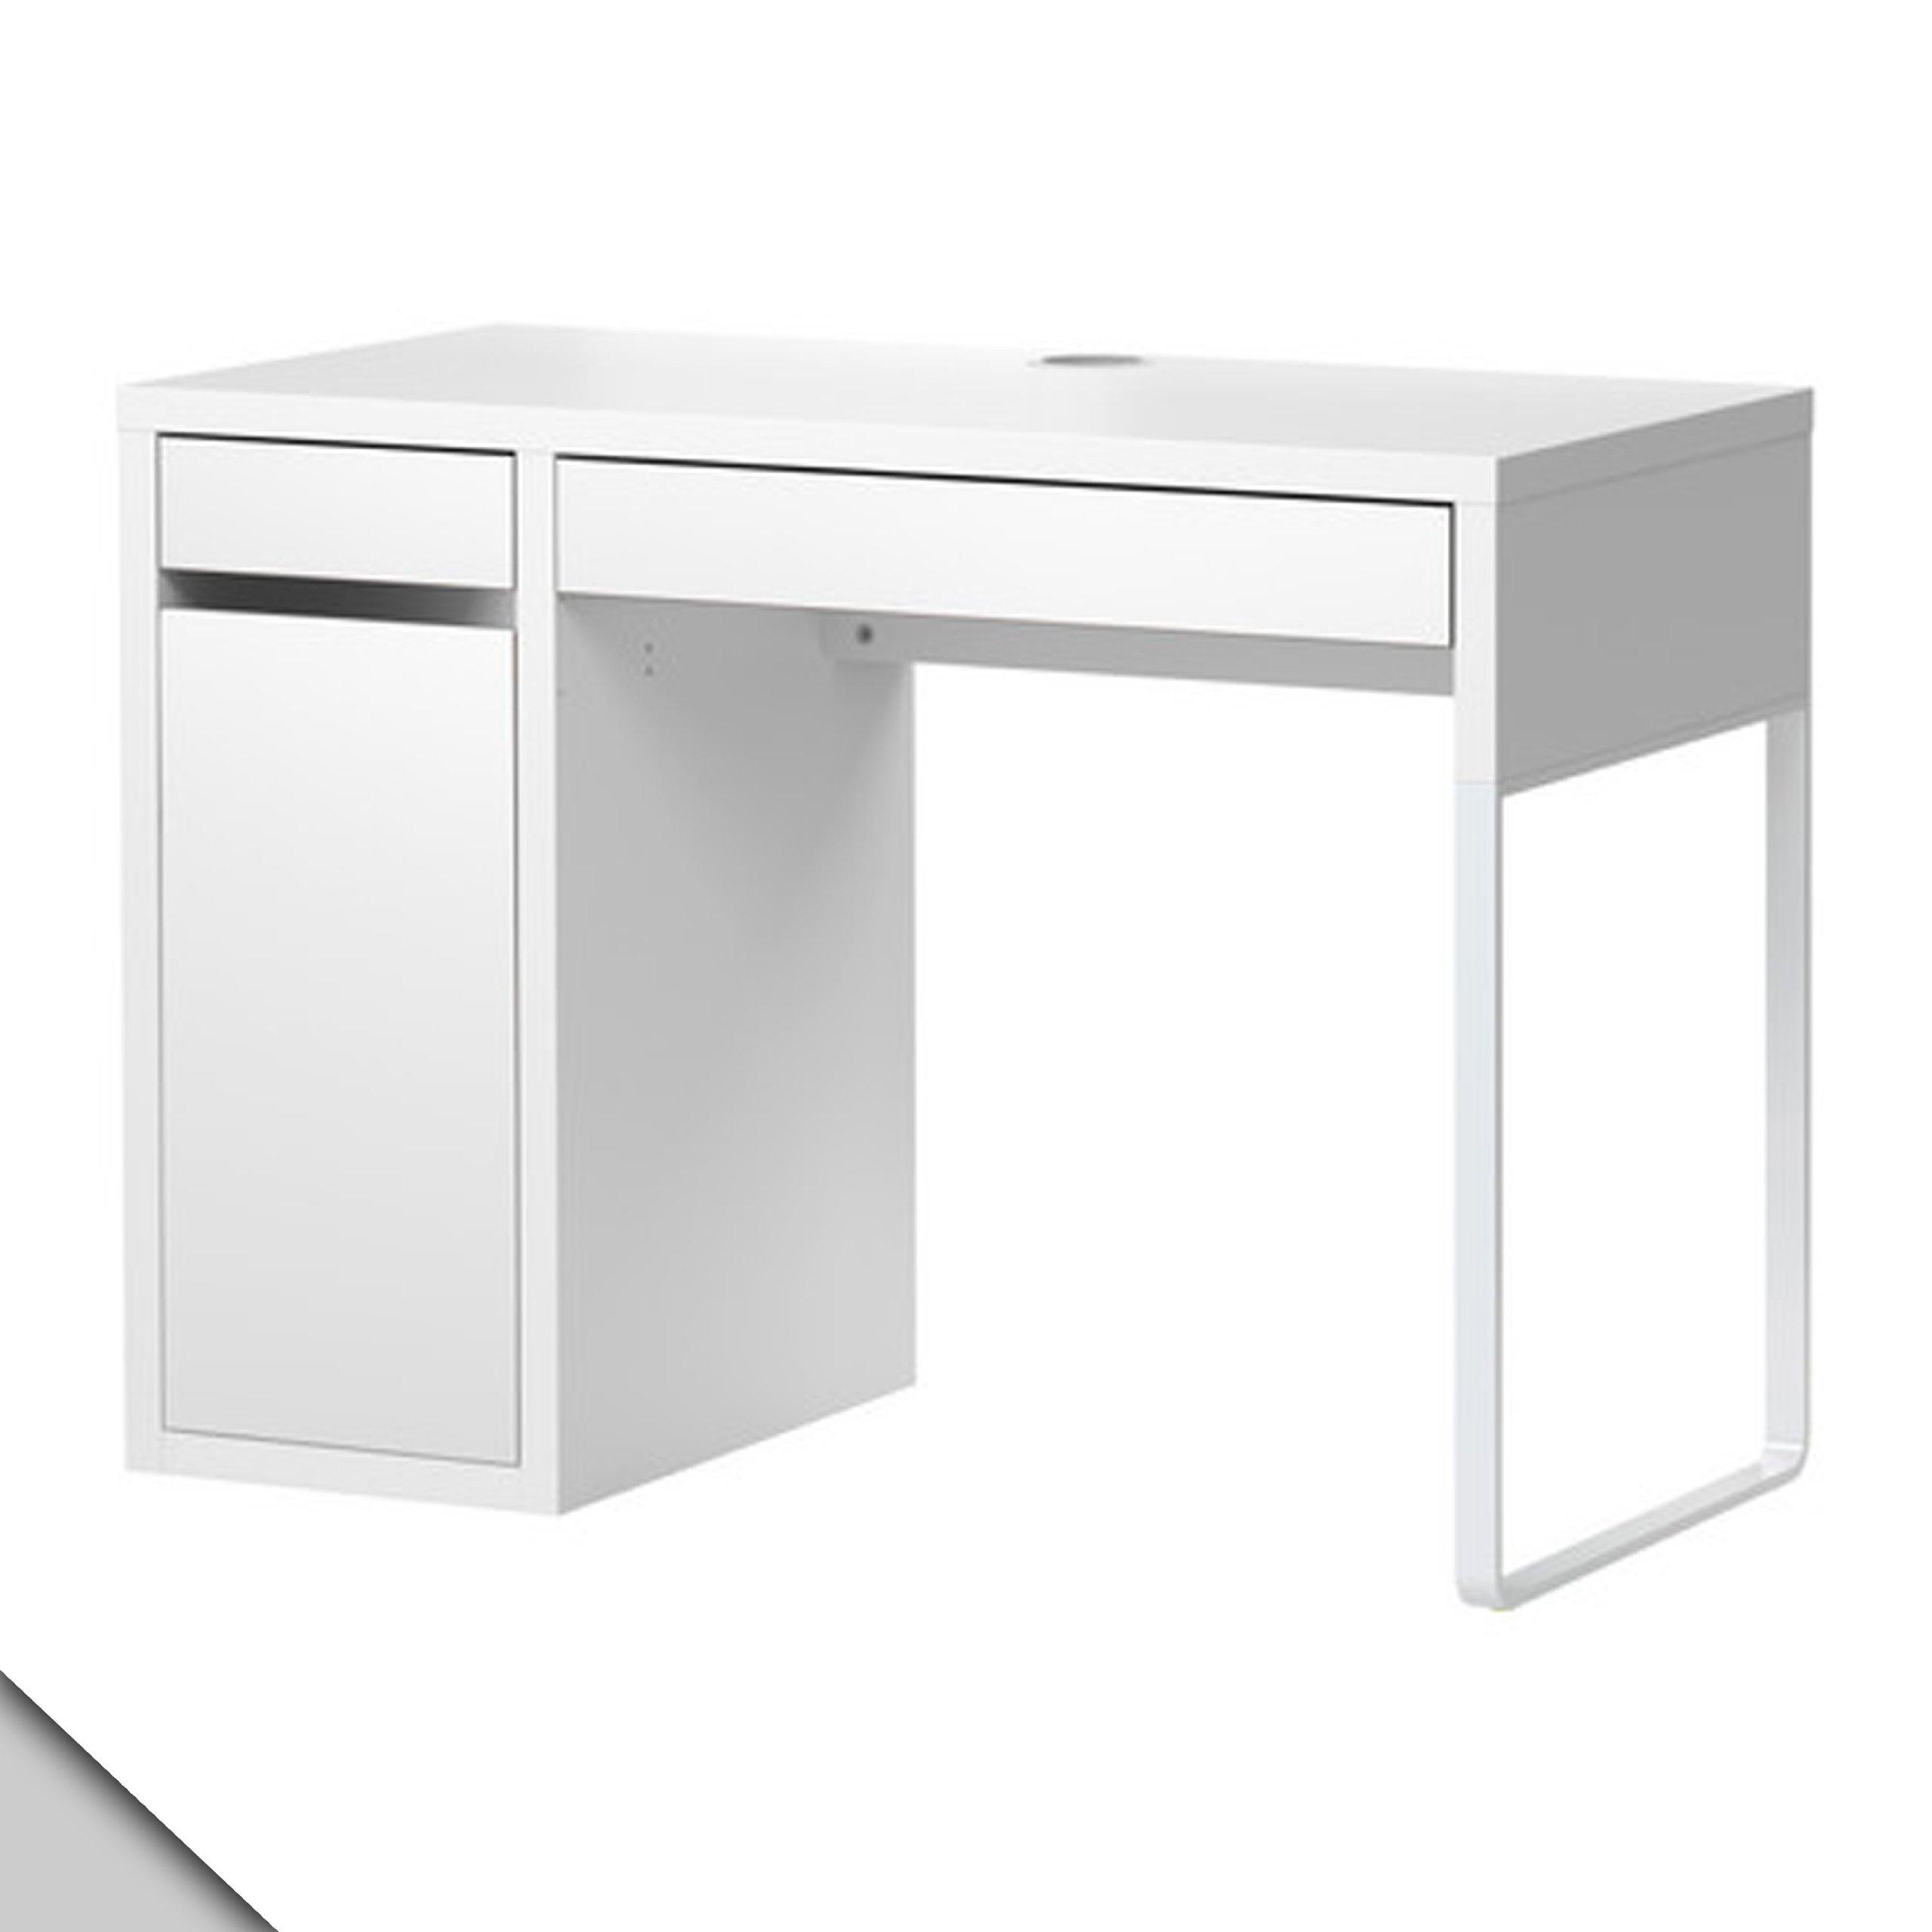 Ikea Micke Desk White w/ Shelf Inside by IKEA